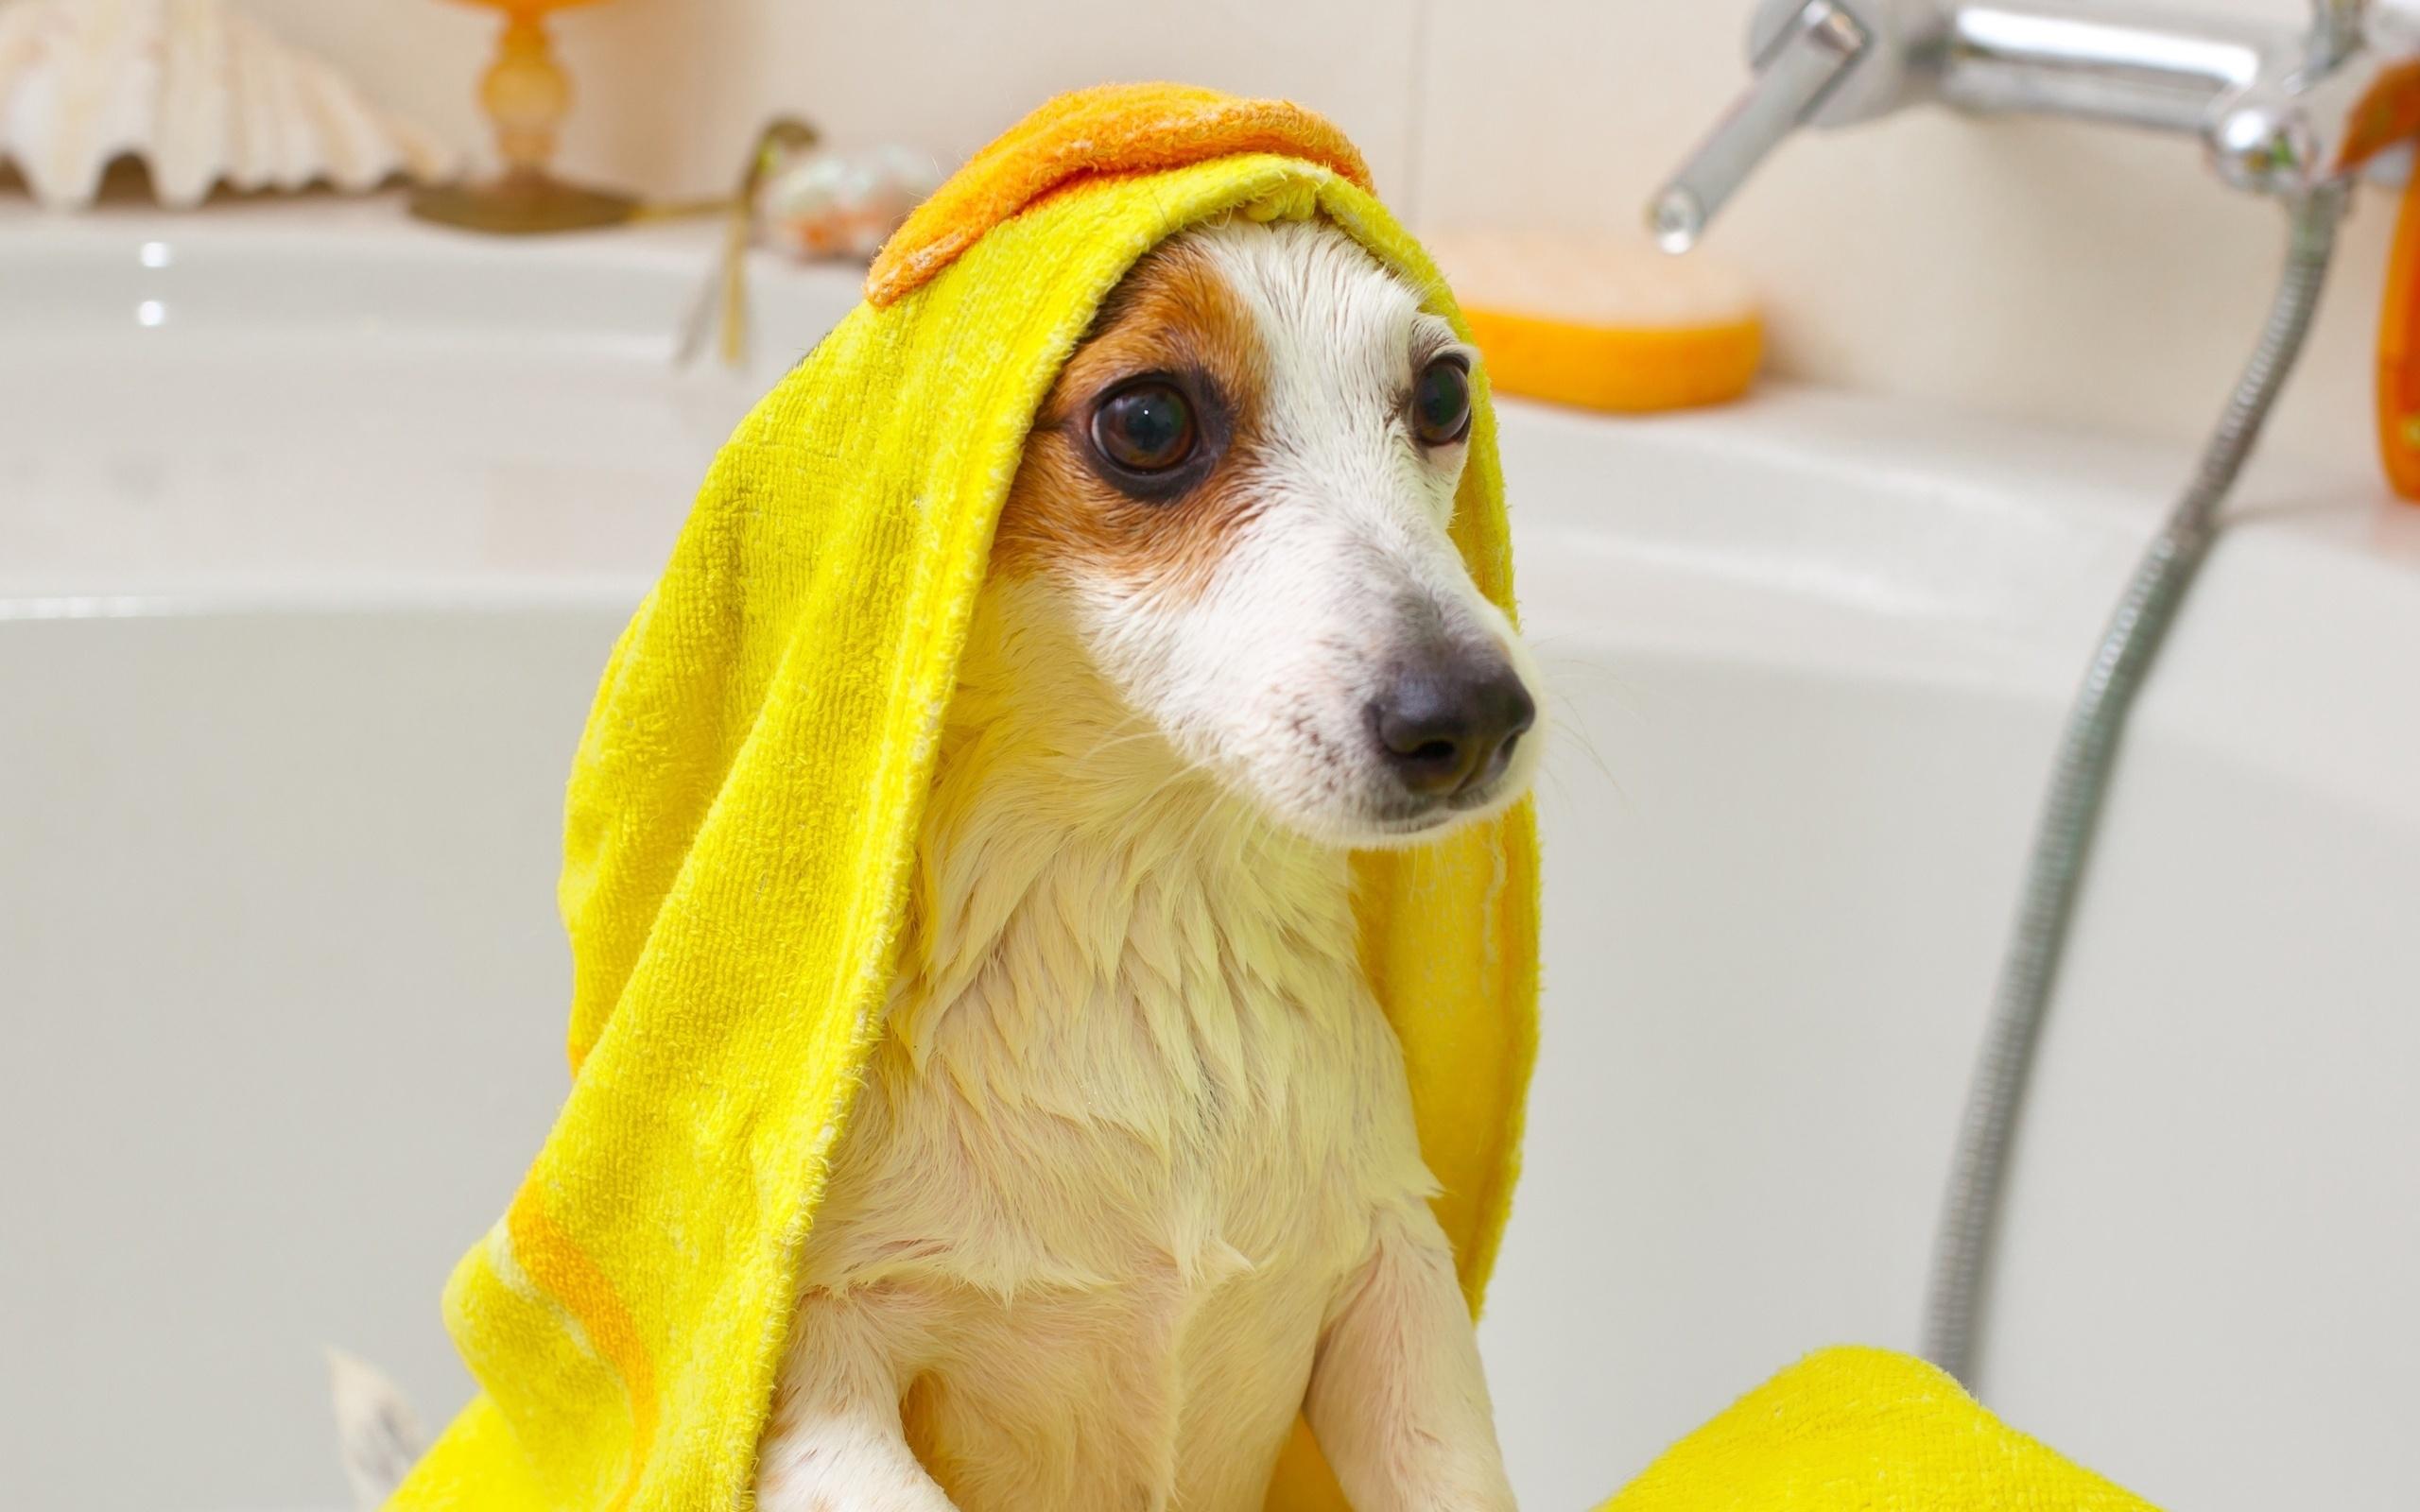 Щенок в полотенце в ванной комнате